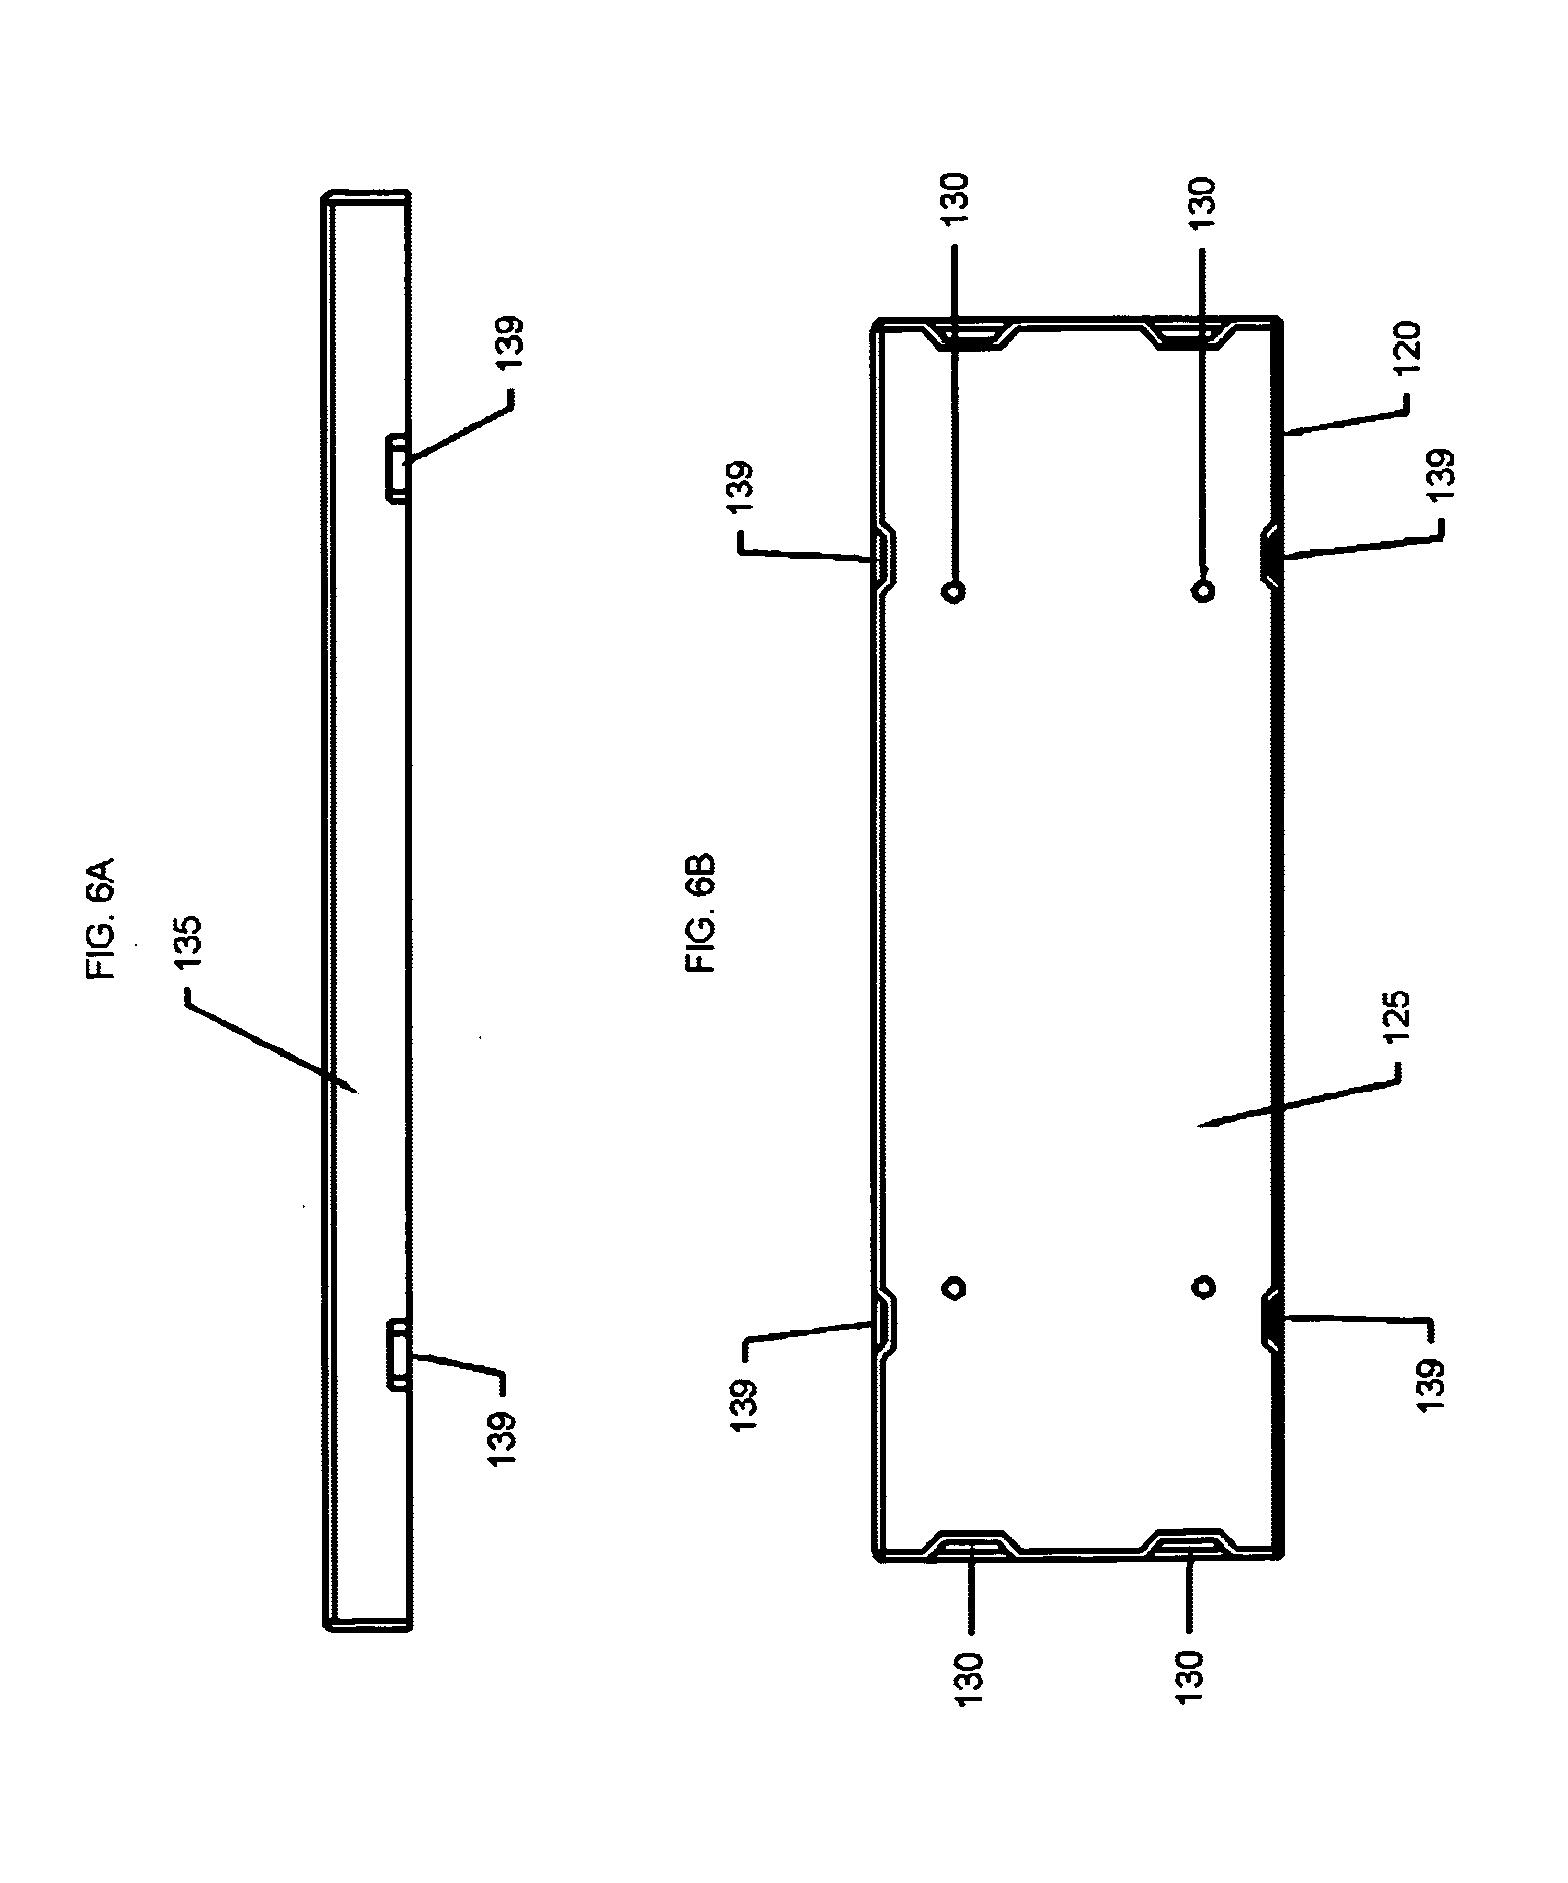 专利us20110000711 - power